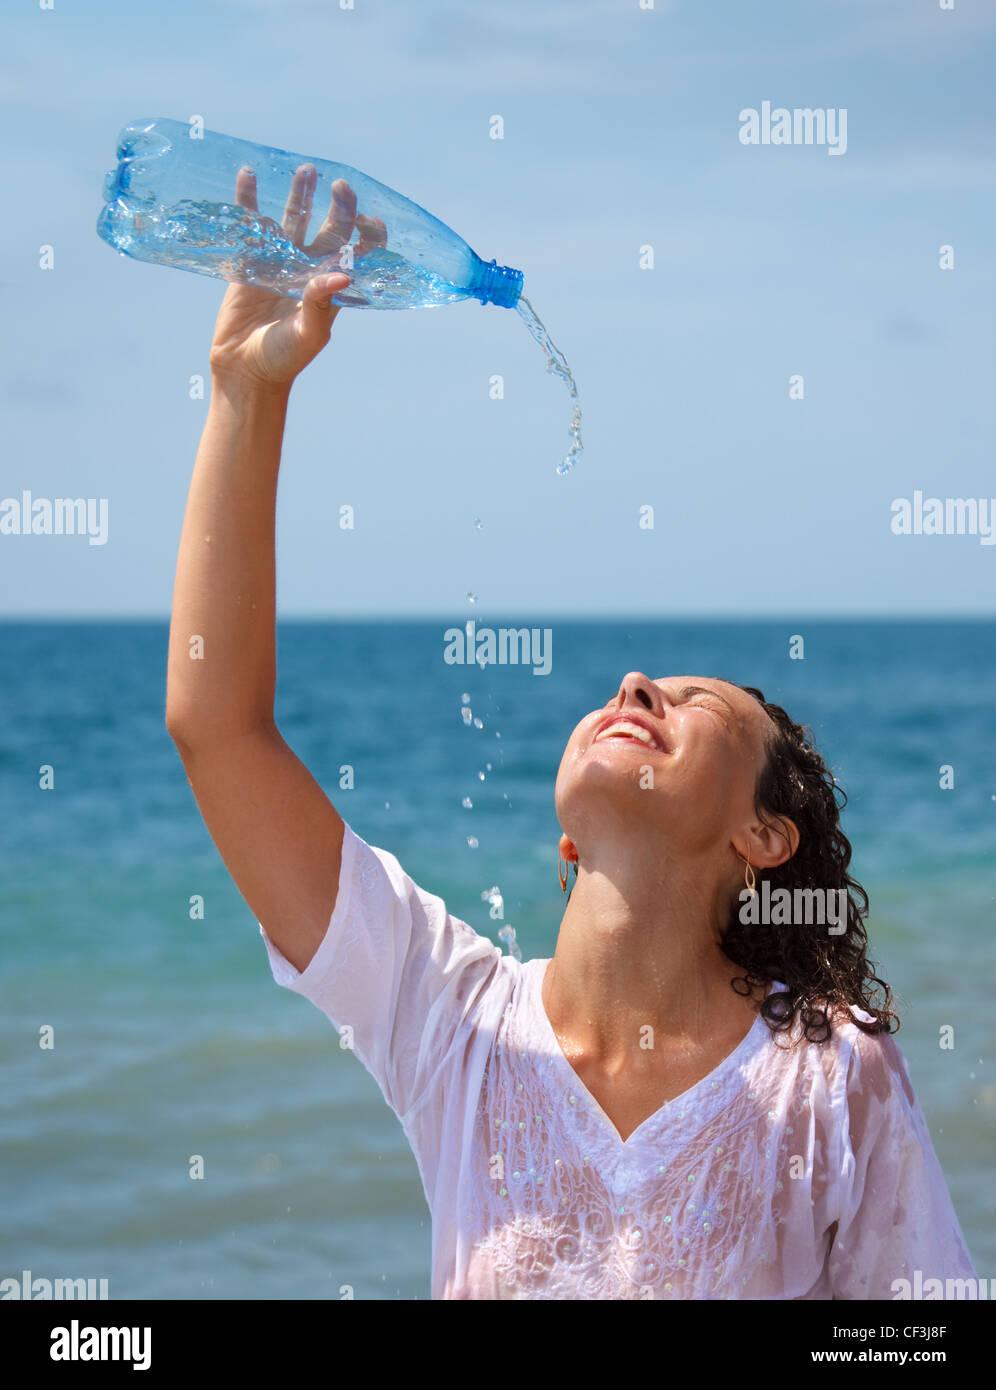 Mädchen-Spritzwasser über sich selbst aus der Flasche, heißen sonnigen Tag am Strand. Stockbild